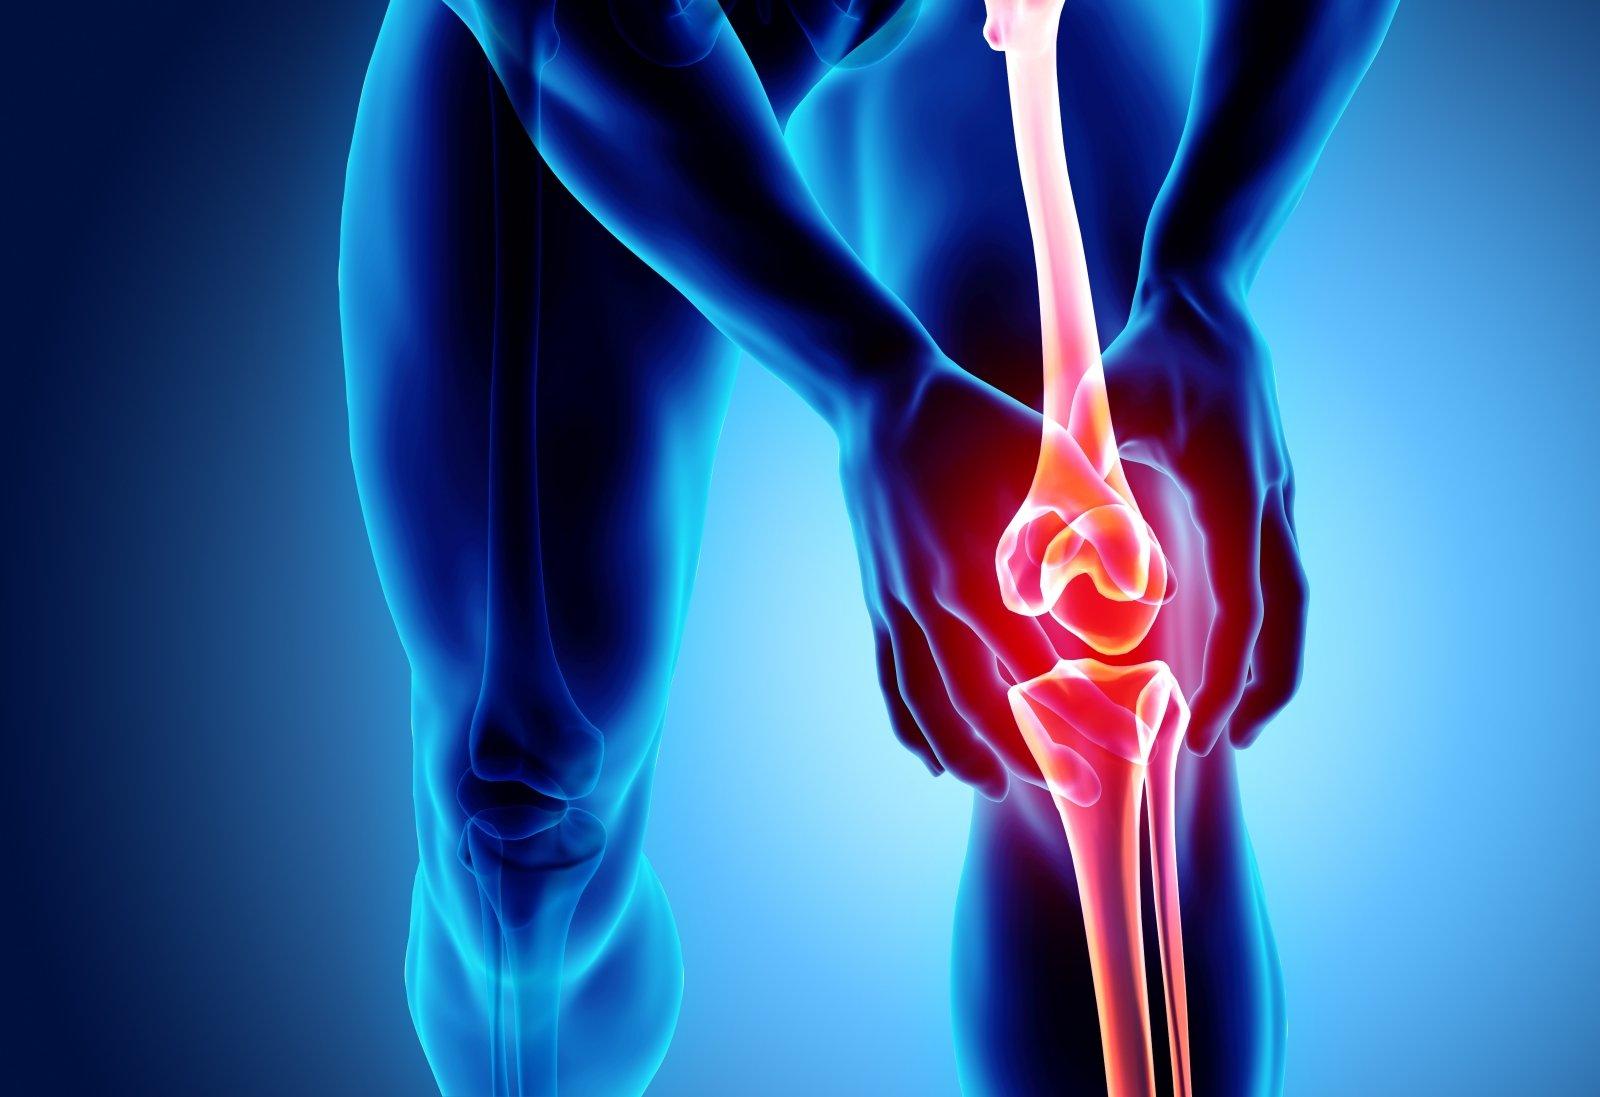 liaudies gynimo artrozė sąnarių